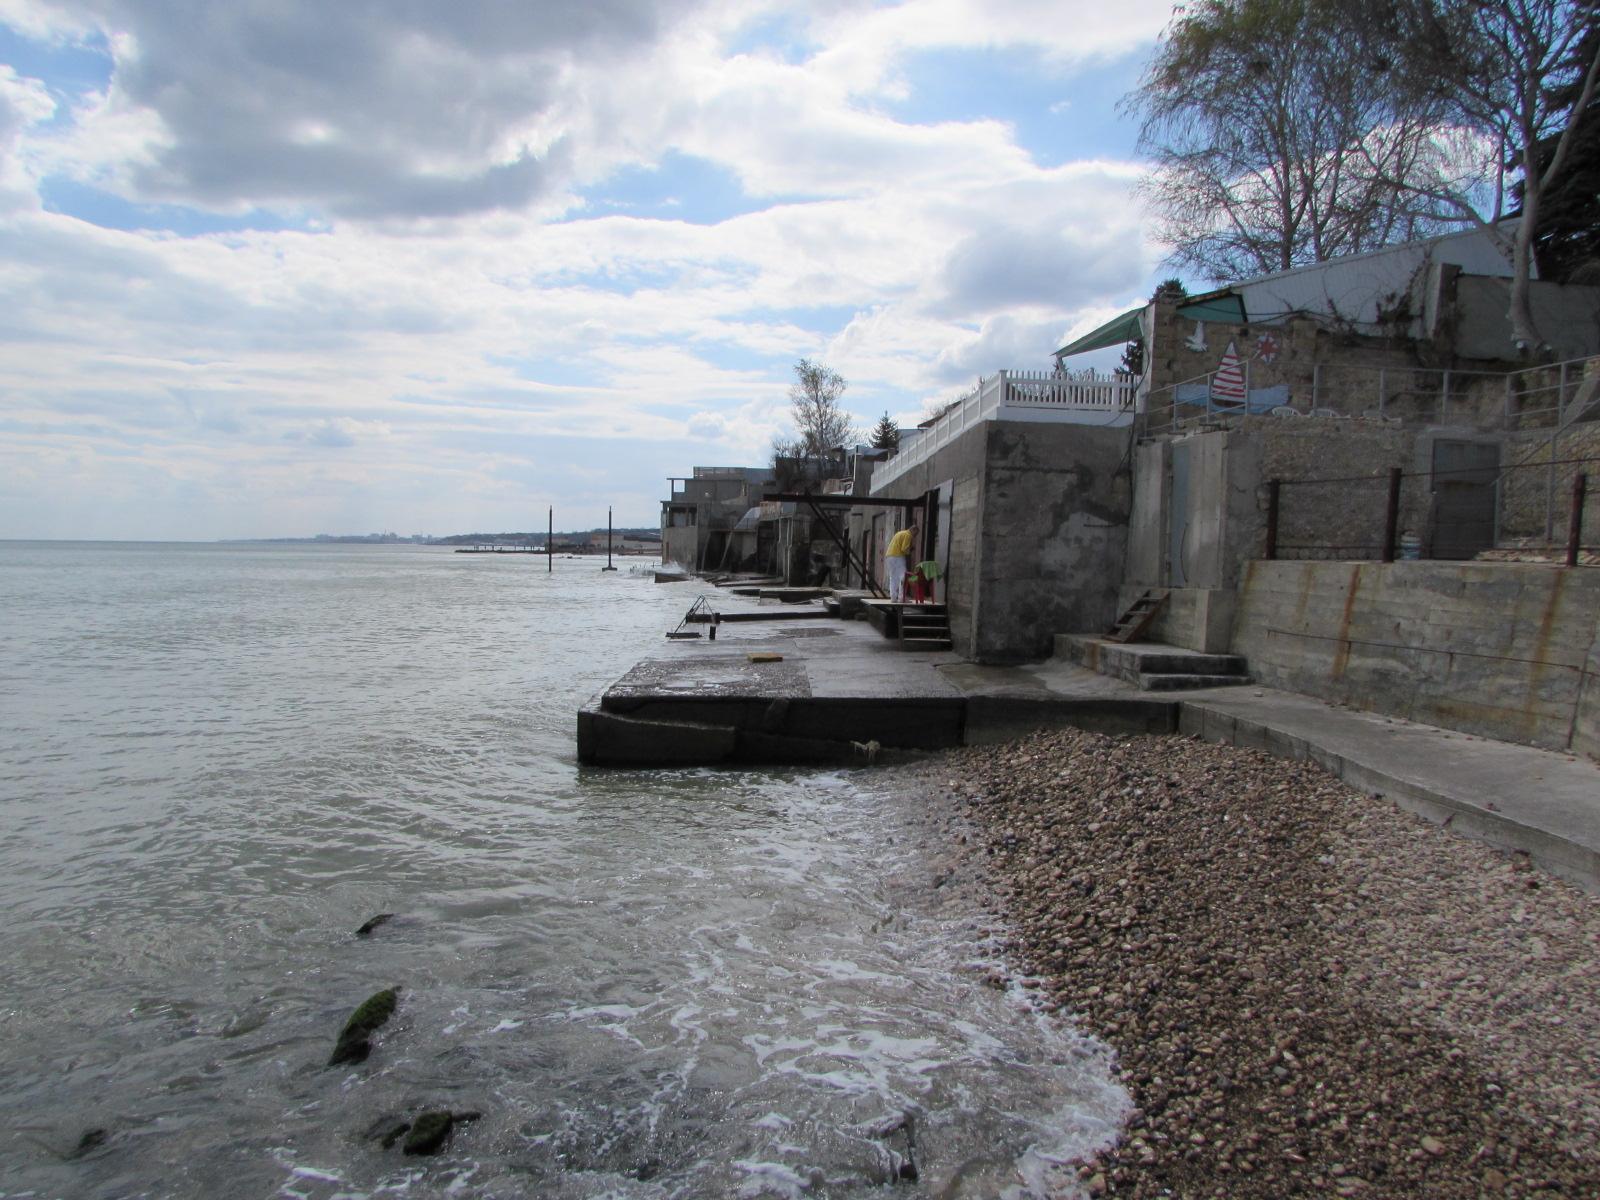 Море размывает берег, если его не укреплять бетонными плитами